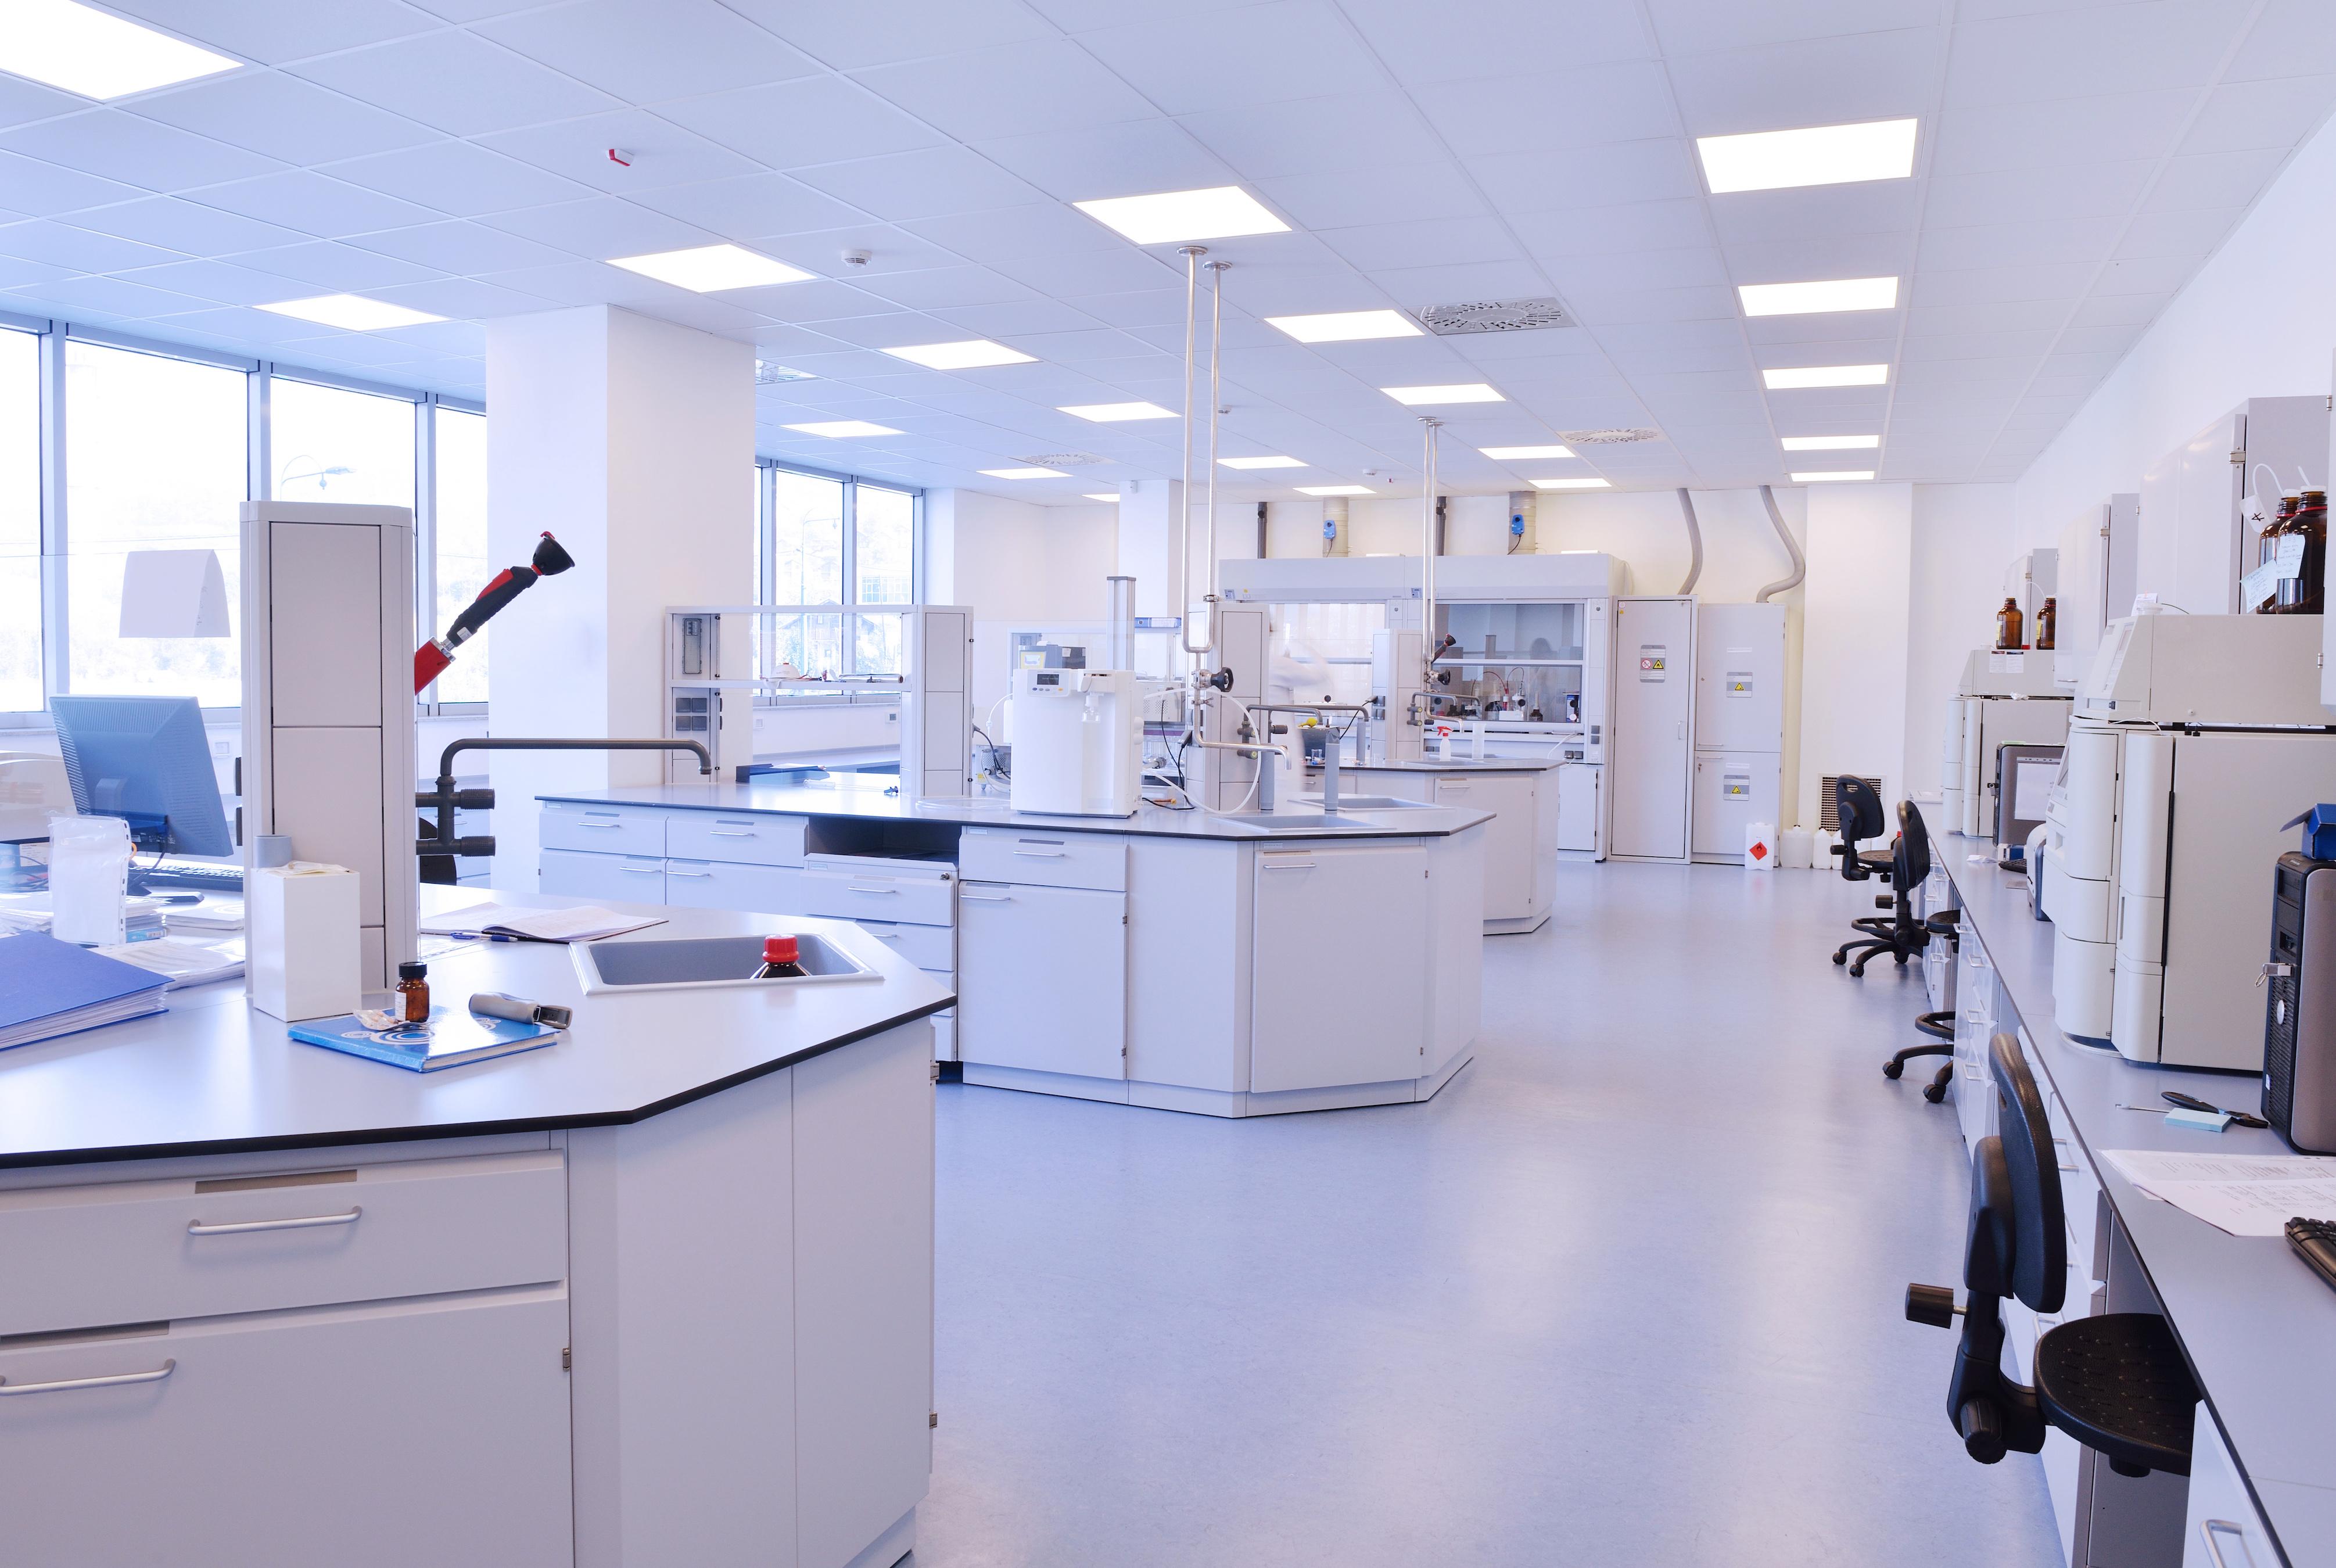 Veritas Lab of Los Angeles 6601 Center Dr, Los Angeles, CA 90045